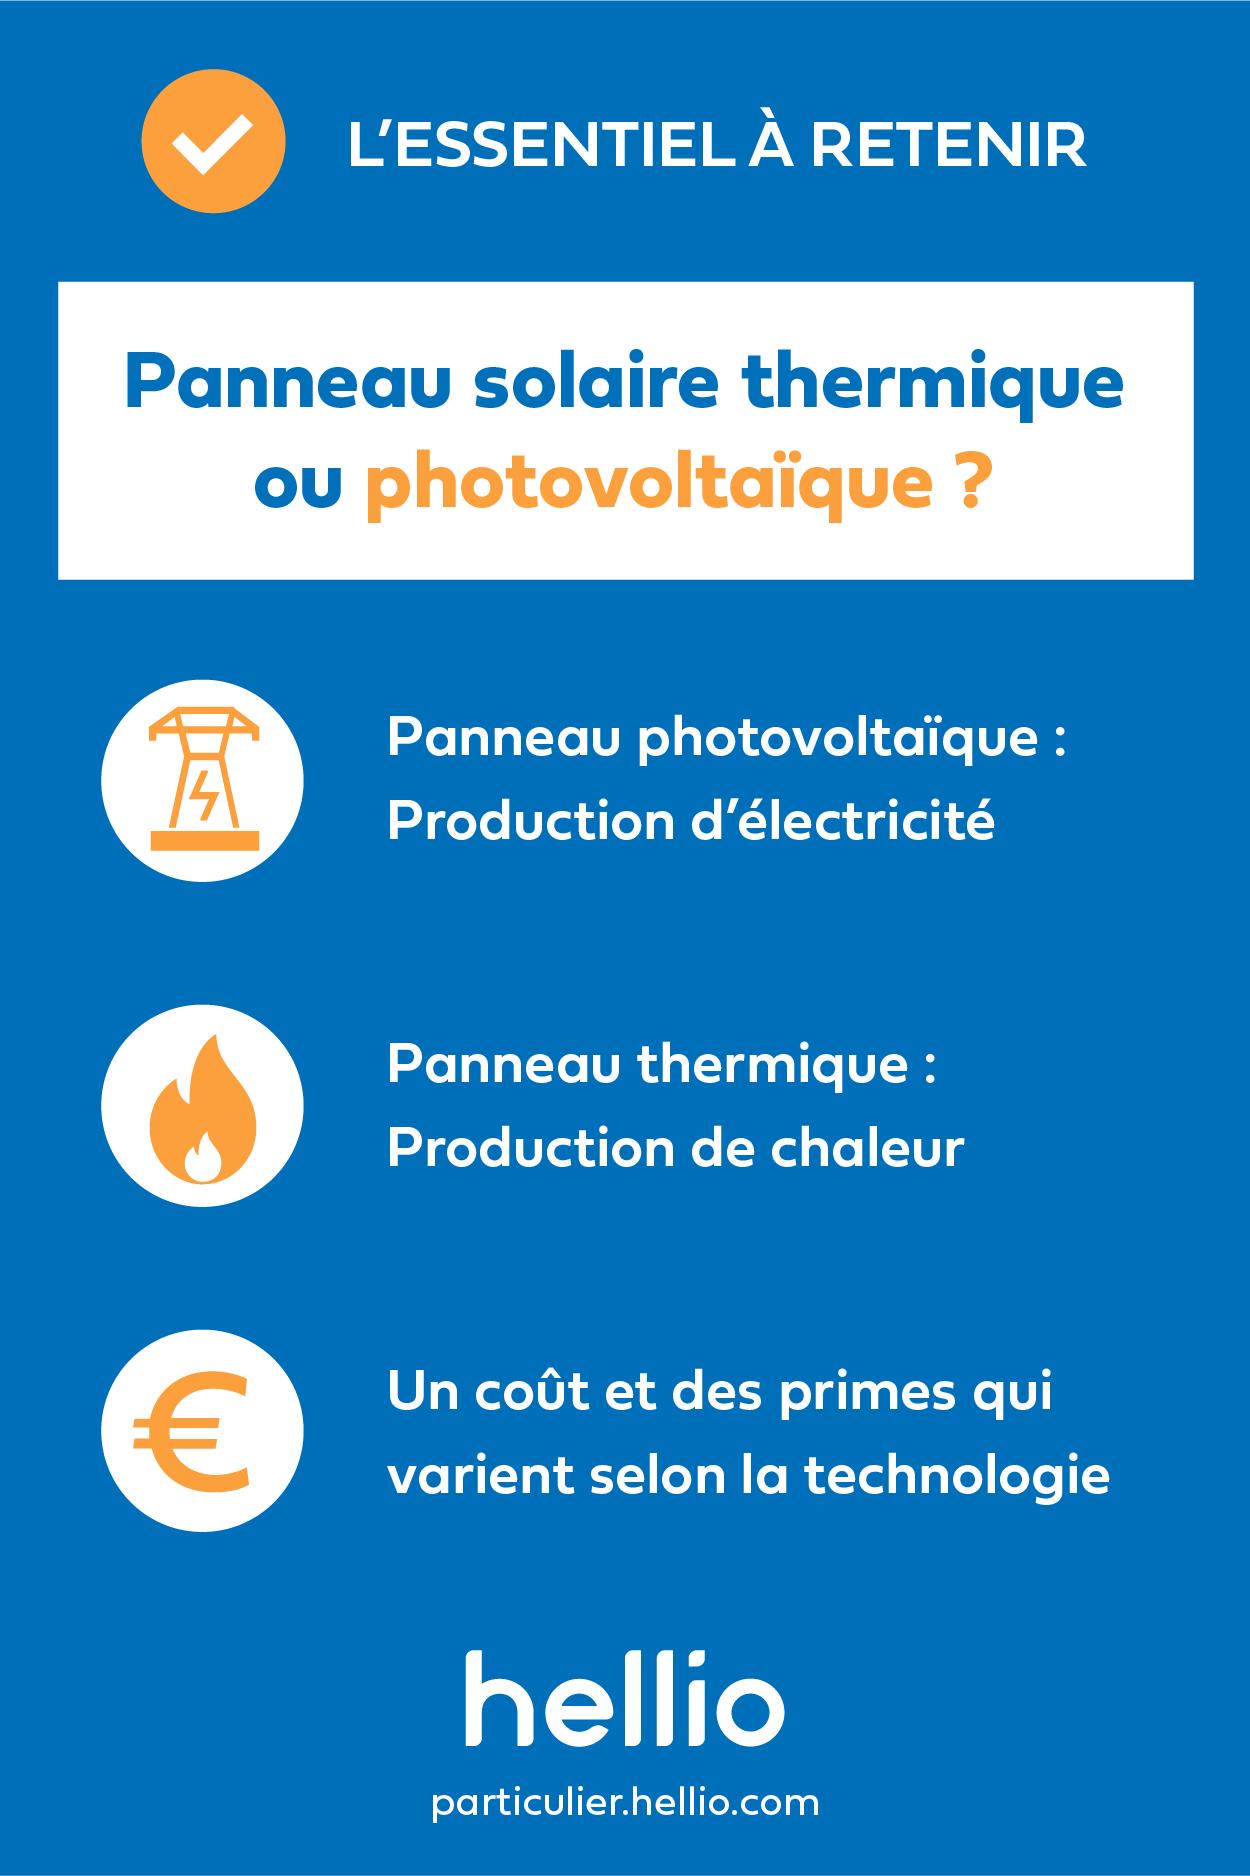 infographie-essentiel-retenir-hellio-panneau-solaire-thermique-photovoltaique